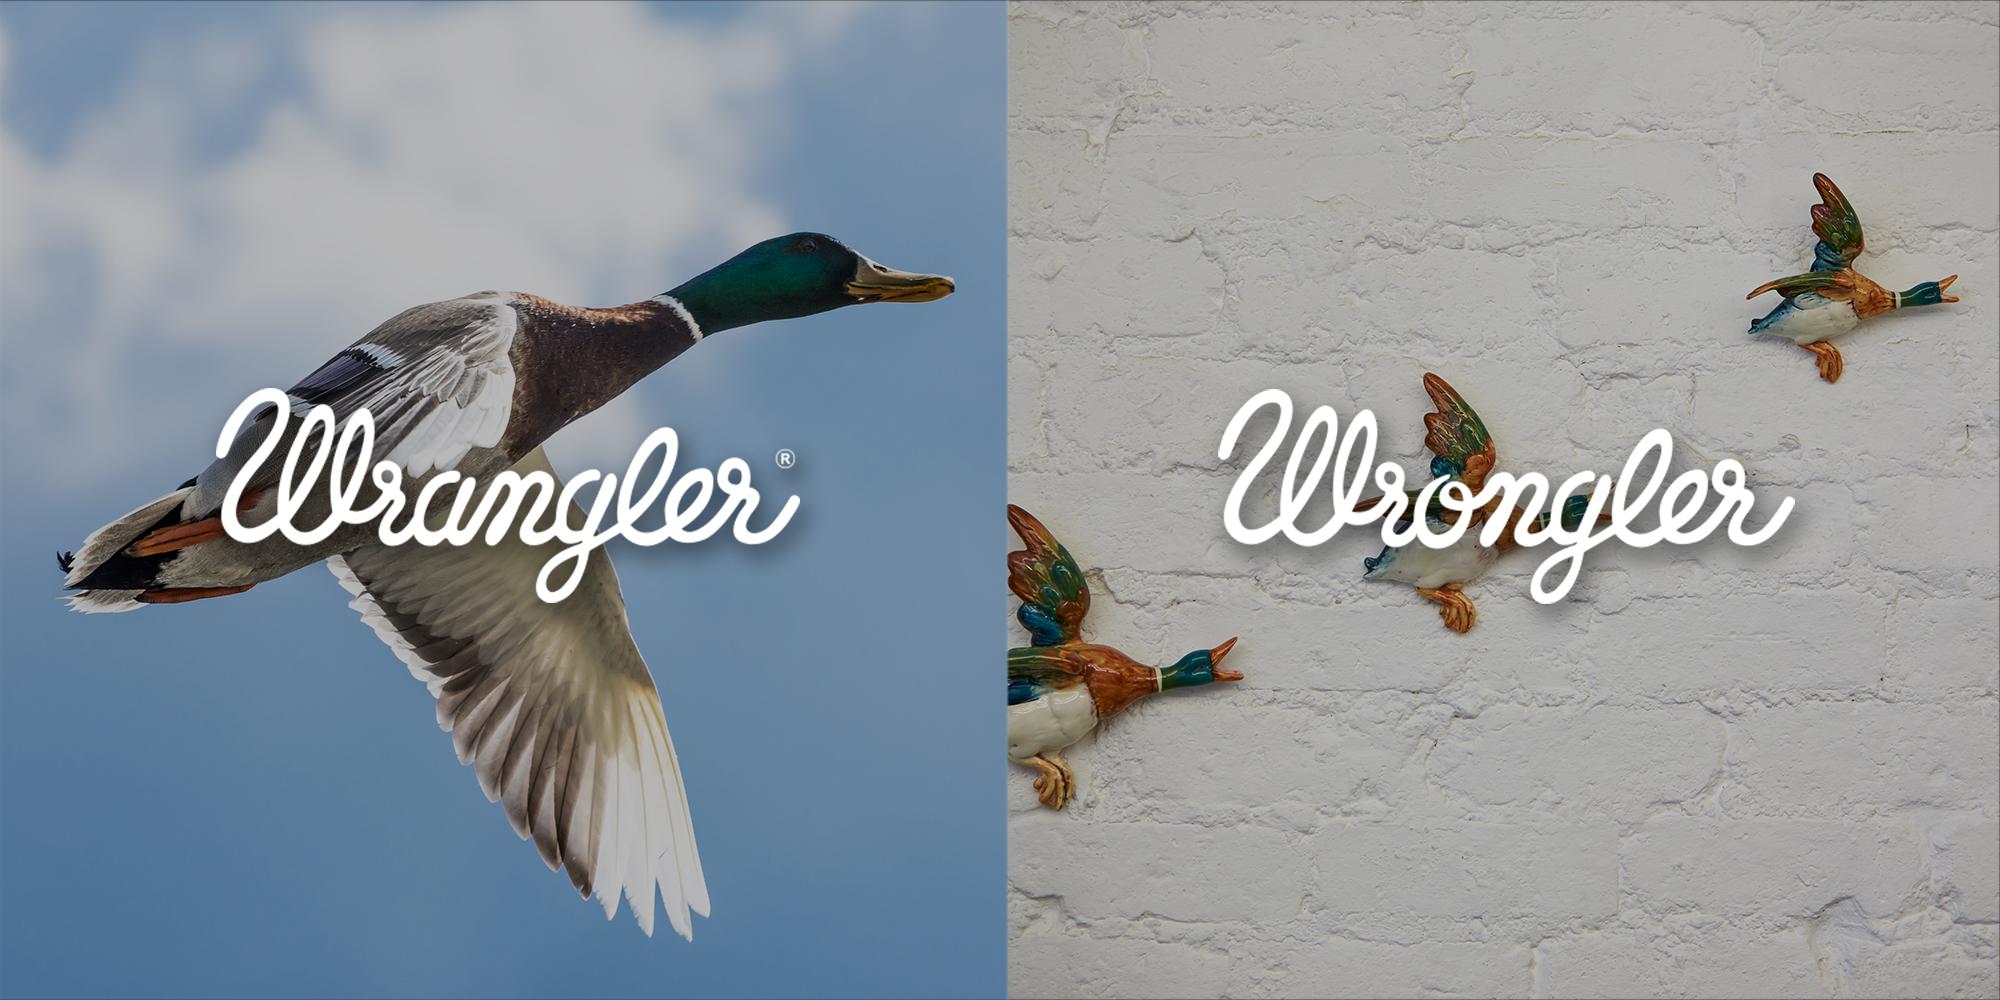 WRANGLER_WRONGLER__0011_3